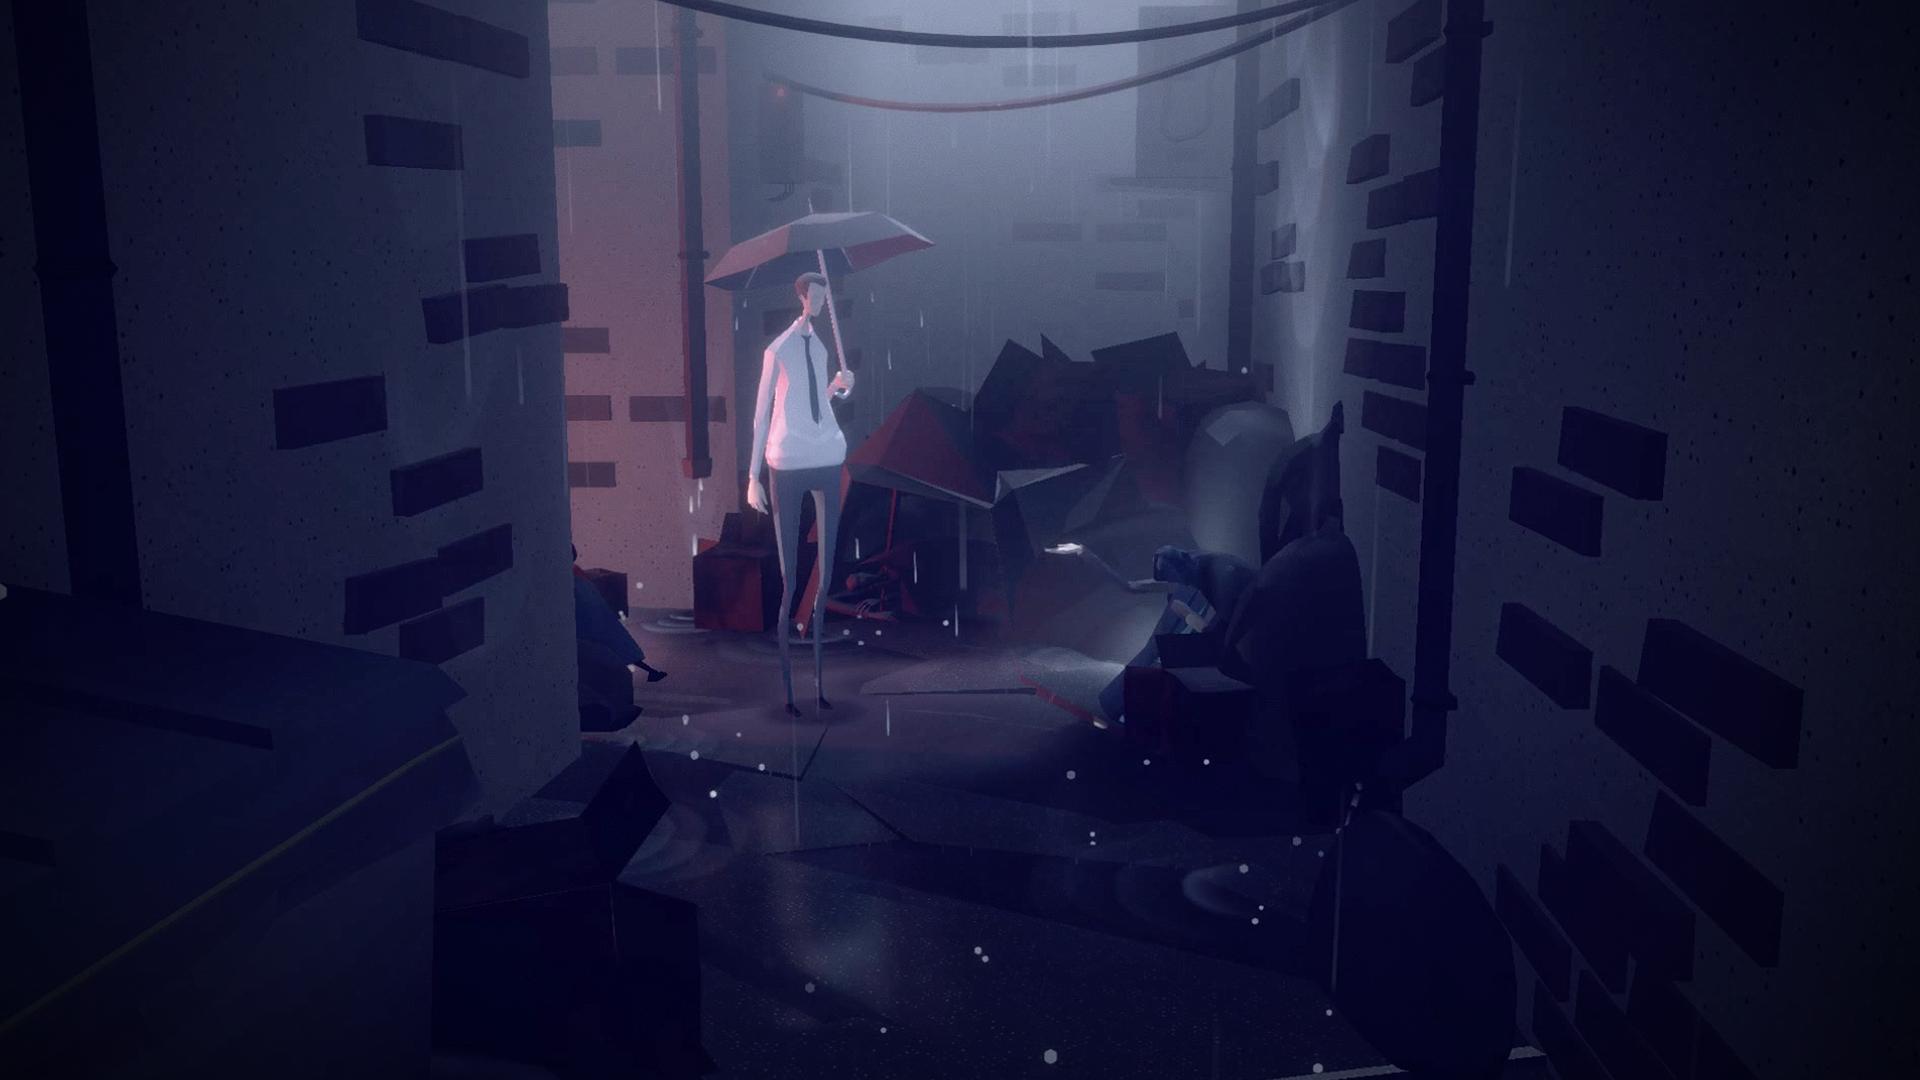 Mosaic (Krillbite Studios, 2020)